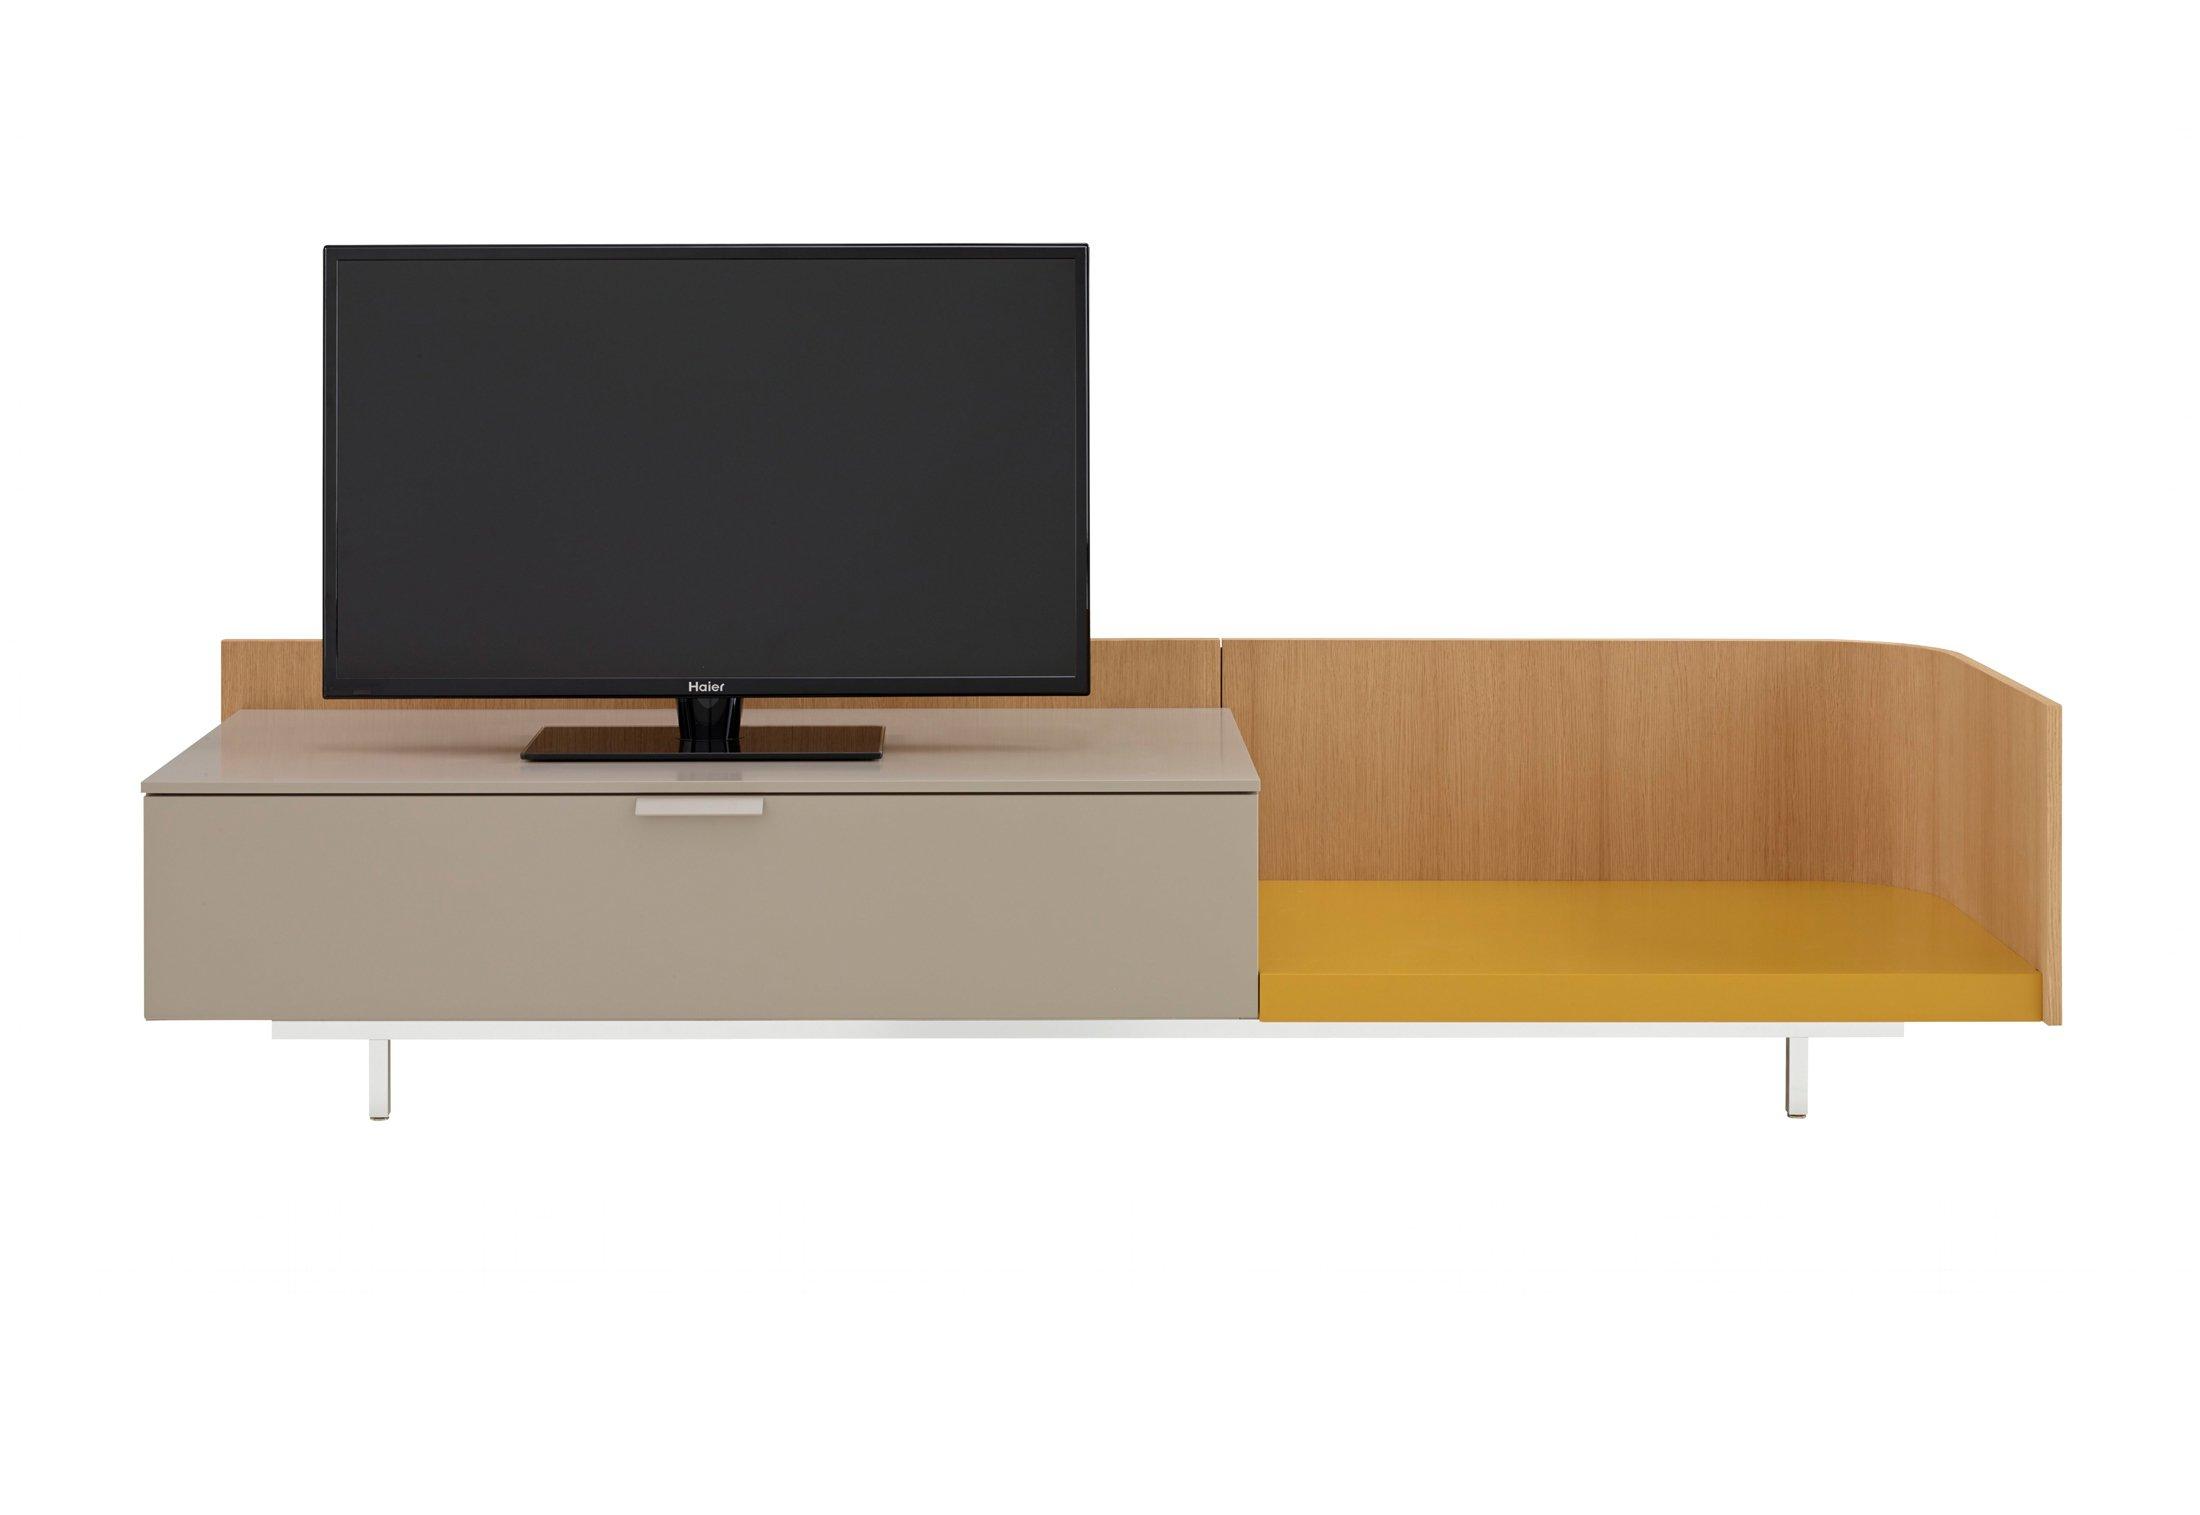 Portatv in diversi materiali stili dimensioni cose di casa - Porta televisore ikea ...